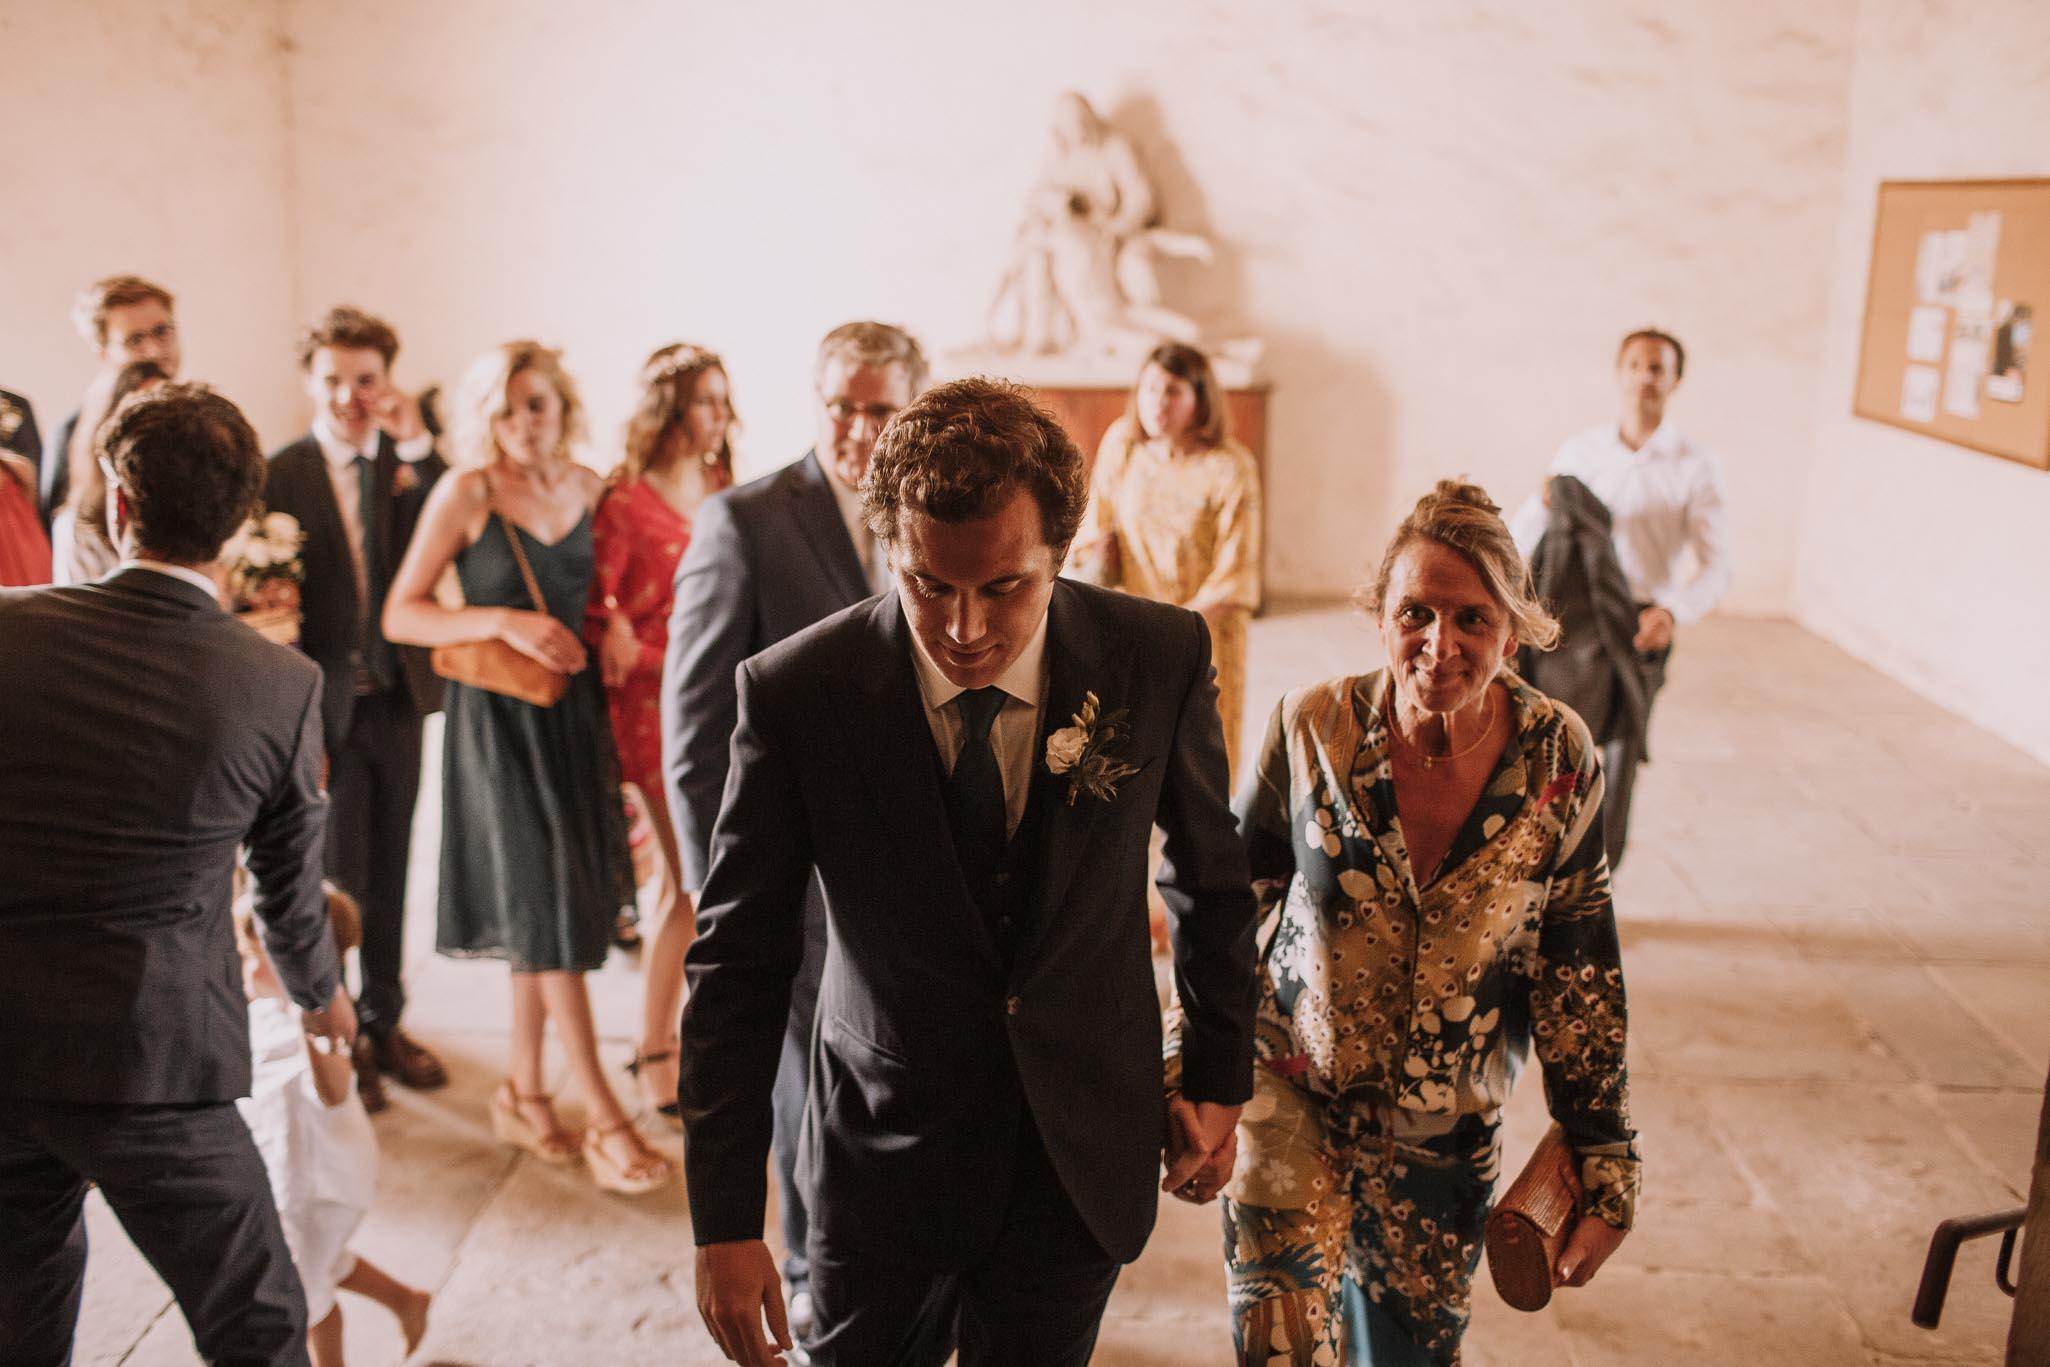 Photographe-mariage-bordeaux-jeremy-boyer-pays-basque-ihartze-artea-sare-robe-eleonore-pauc-couple-amour-55.jpg